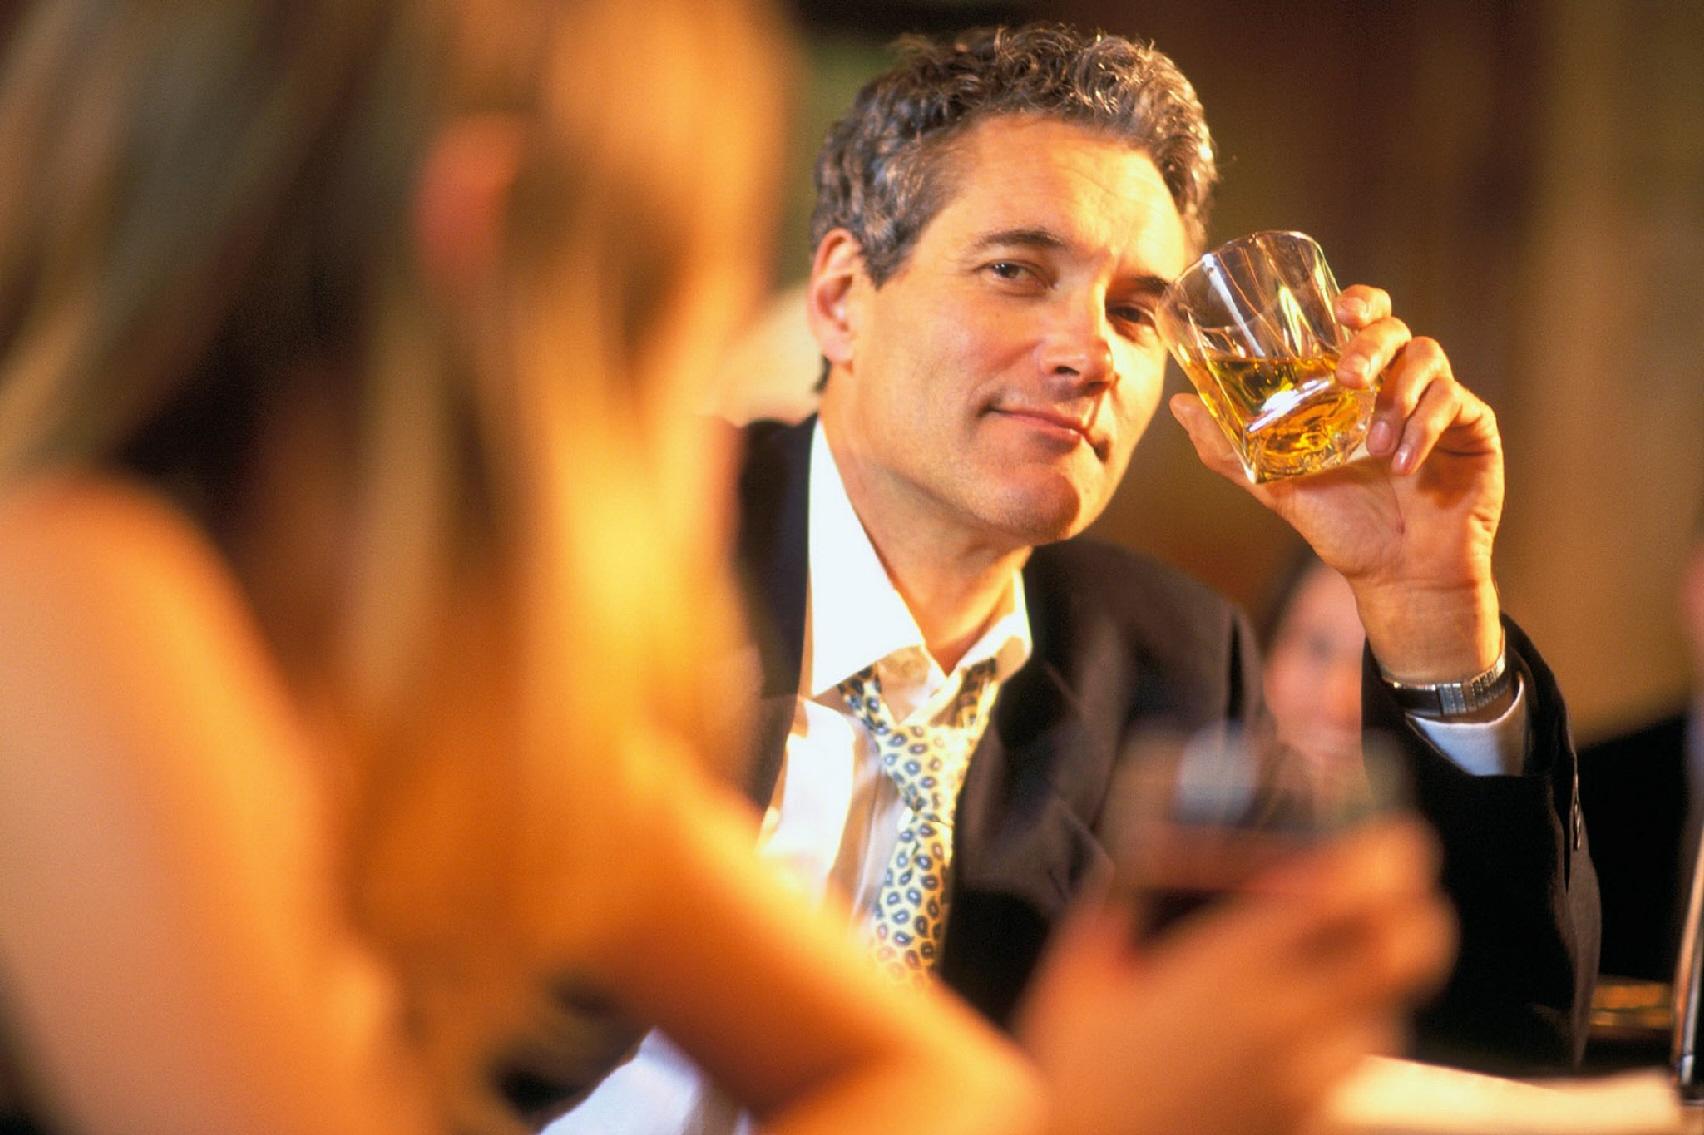 подруга парень знакомится с девушкой в баре отдыхаю выпивают пожалуйста, личностях